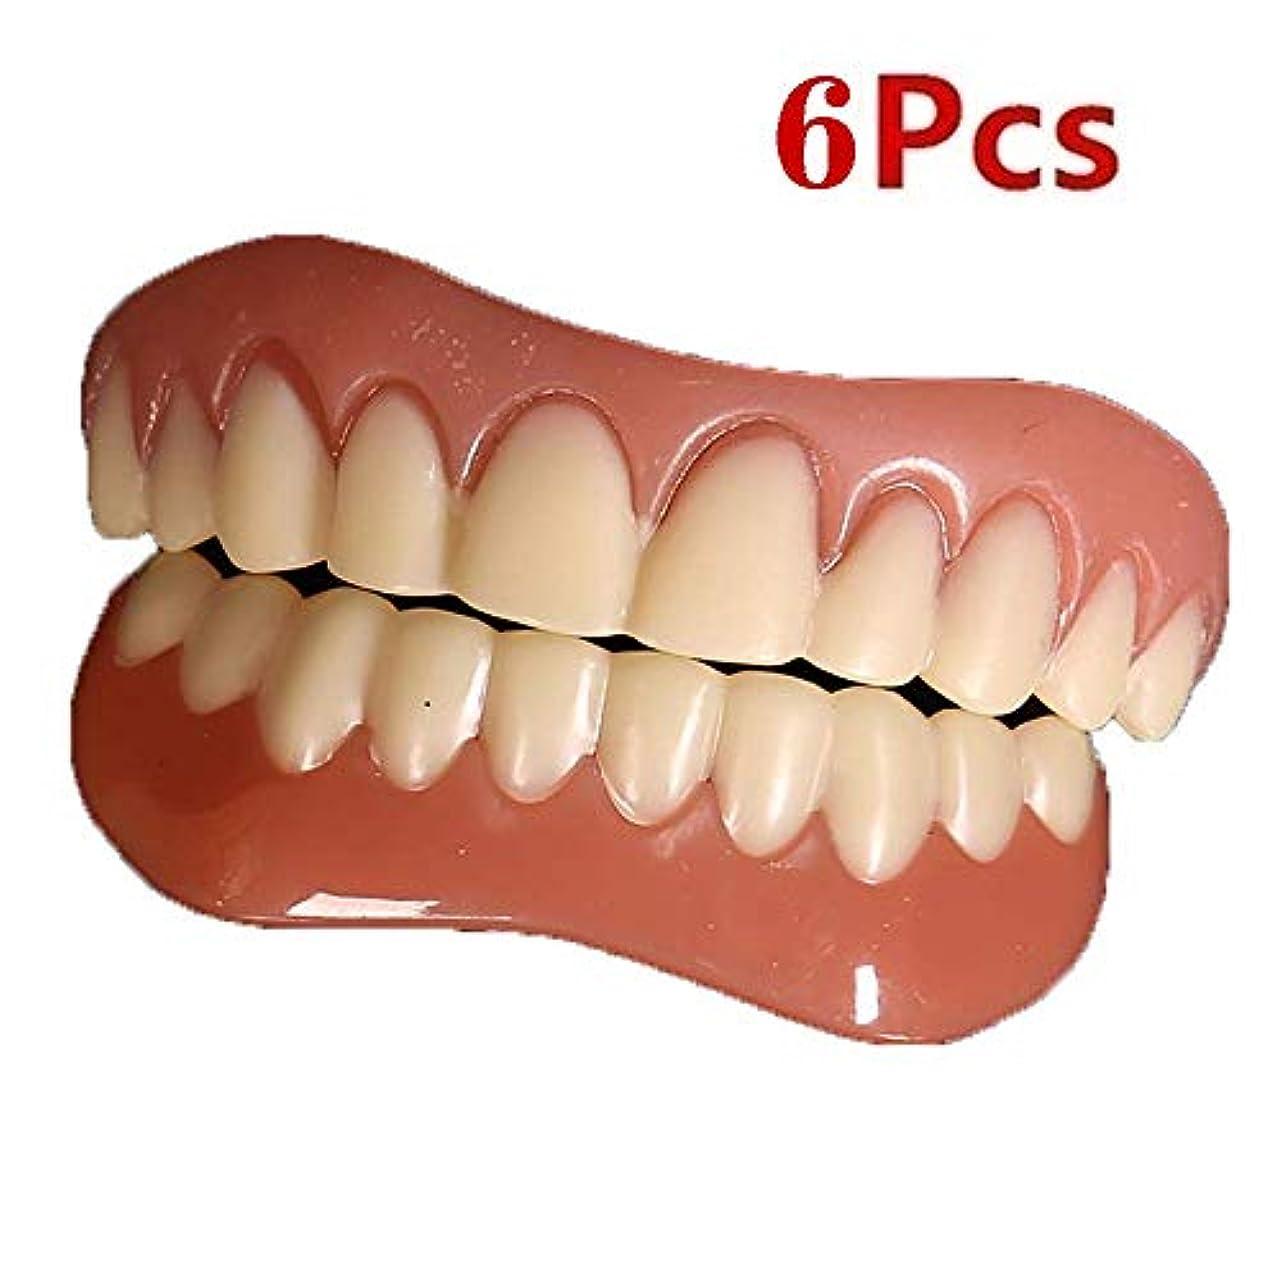 熟考する他の場所巨大な6個のインスタントスマイルの歯アッパーロアーベニアの快適さフィットの歯のベニヤ、ワンサイズは数分以内に自宅であなたの笑顔を直す